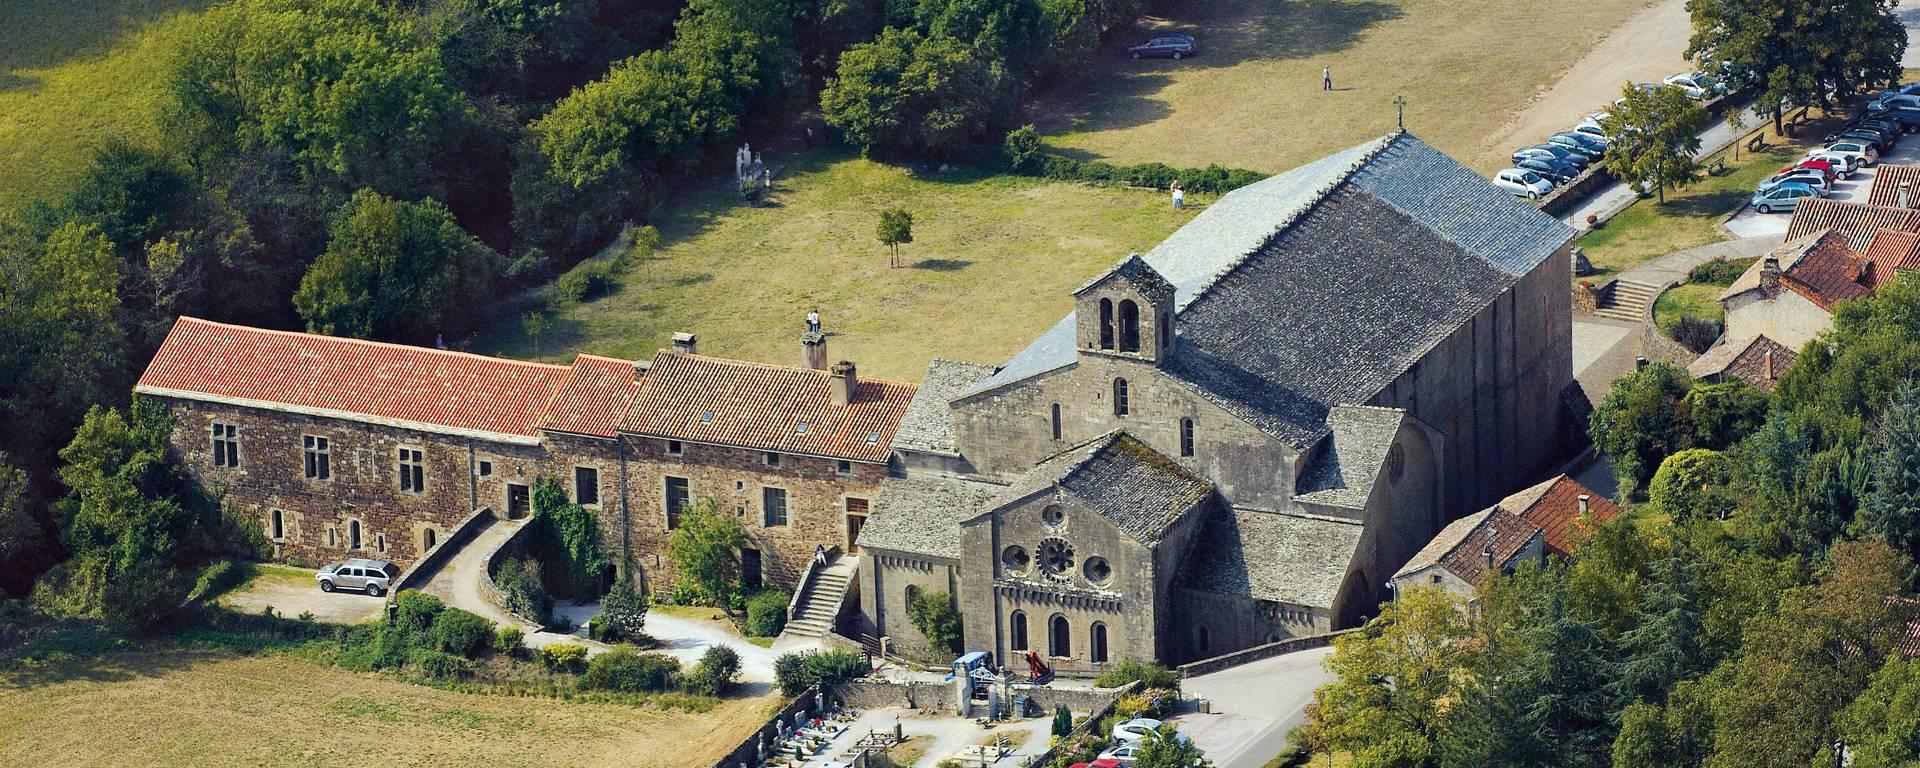 Abbaye de Sylvanès vue du ciel